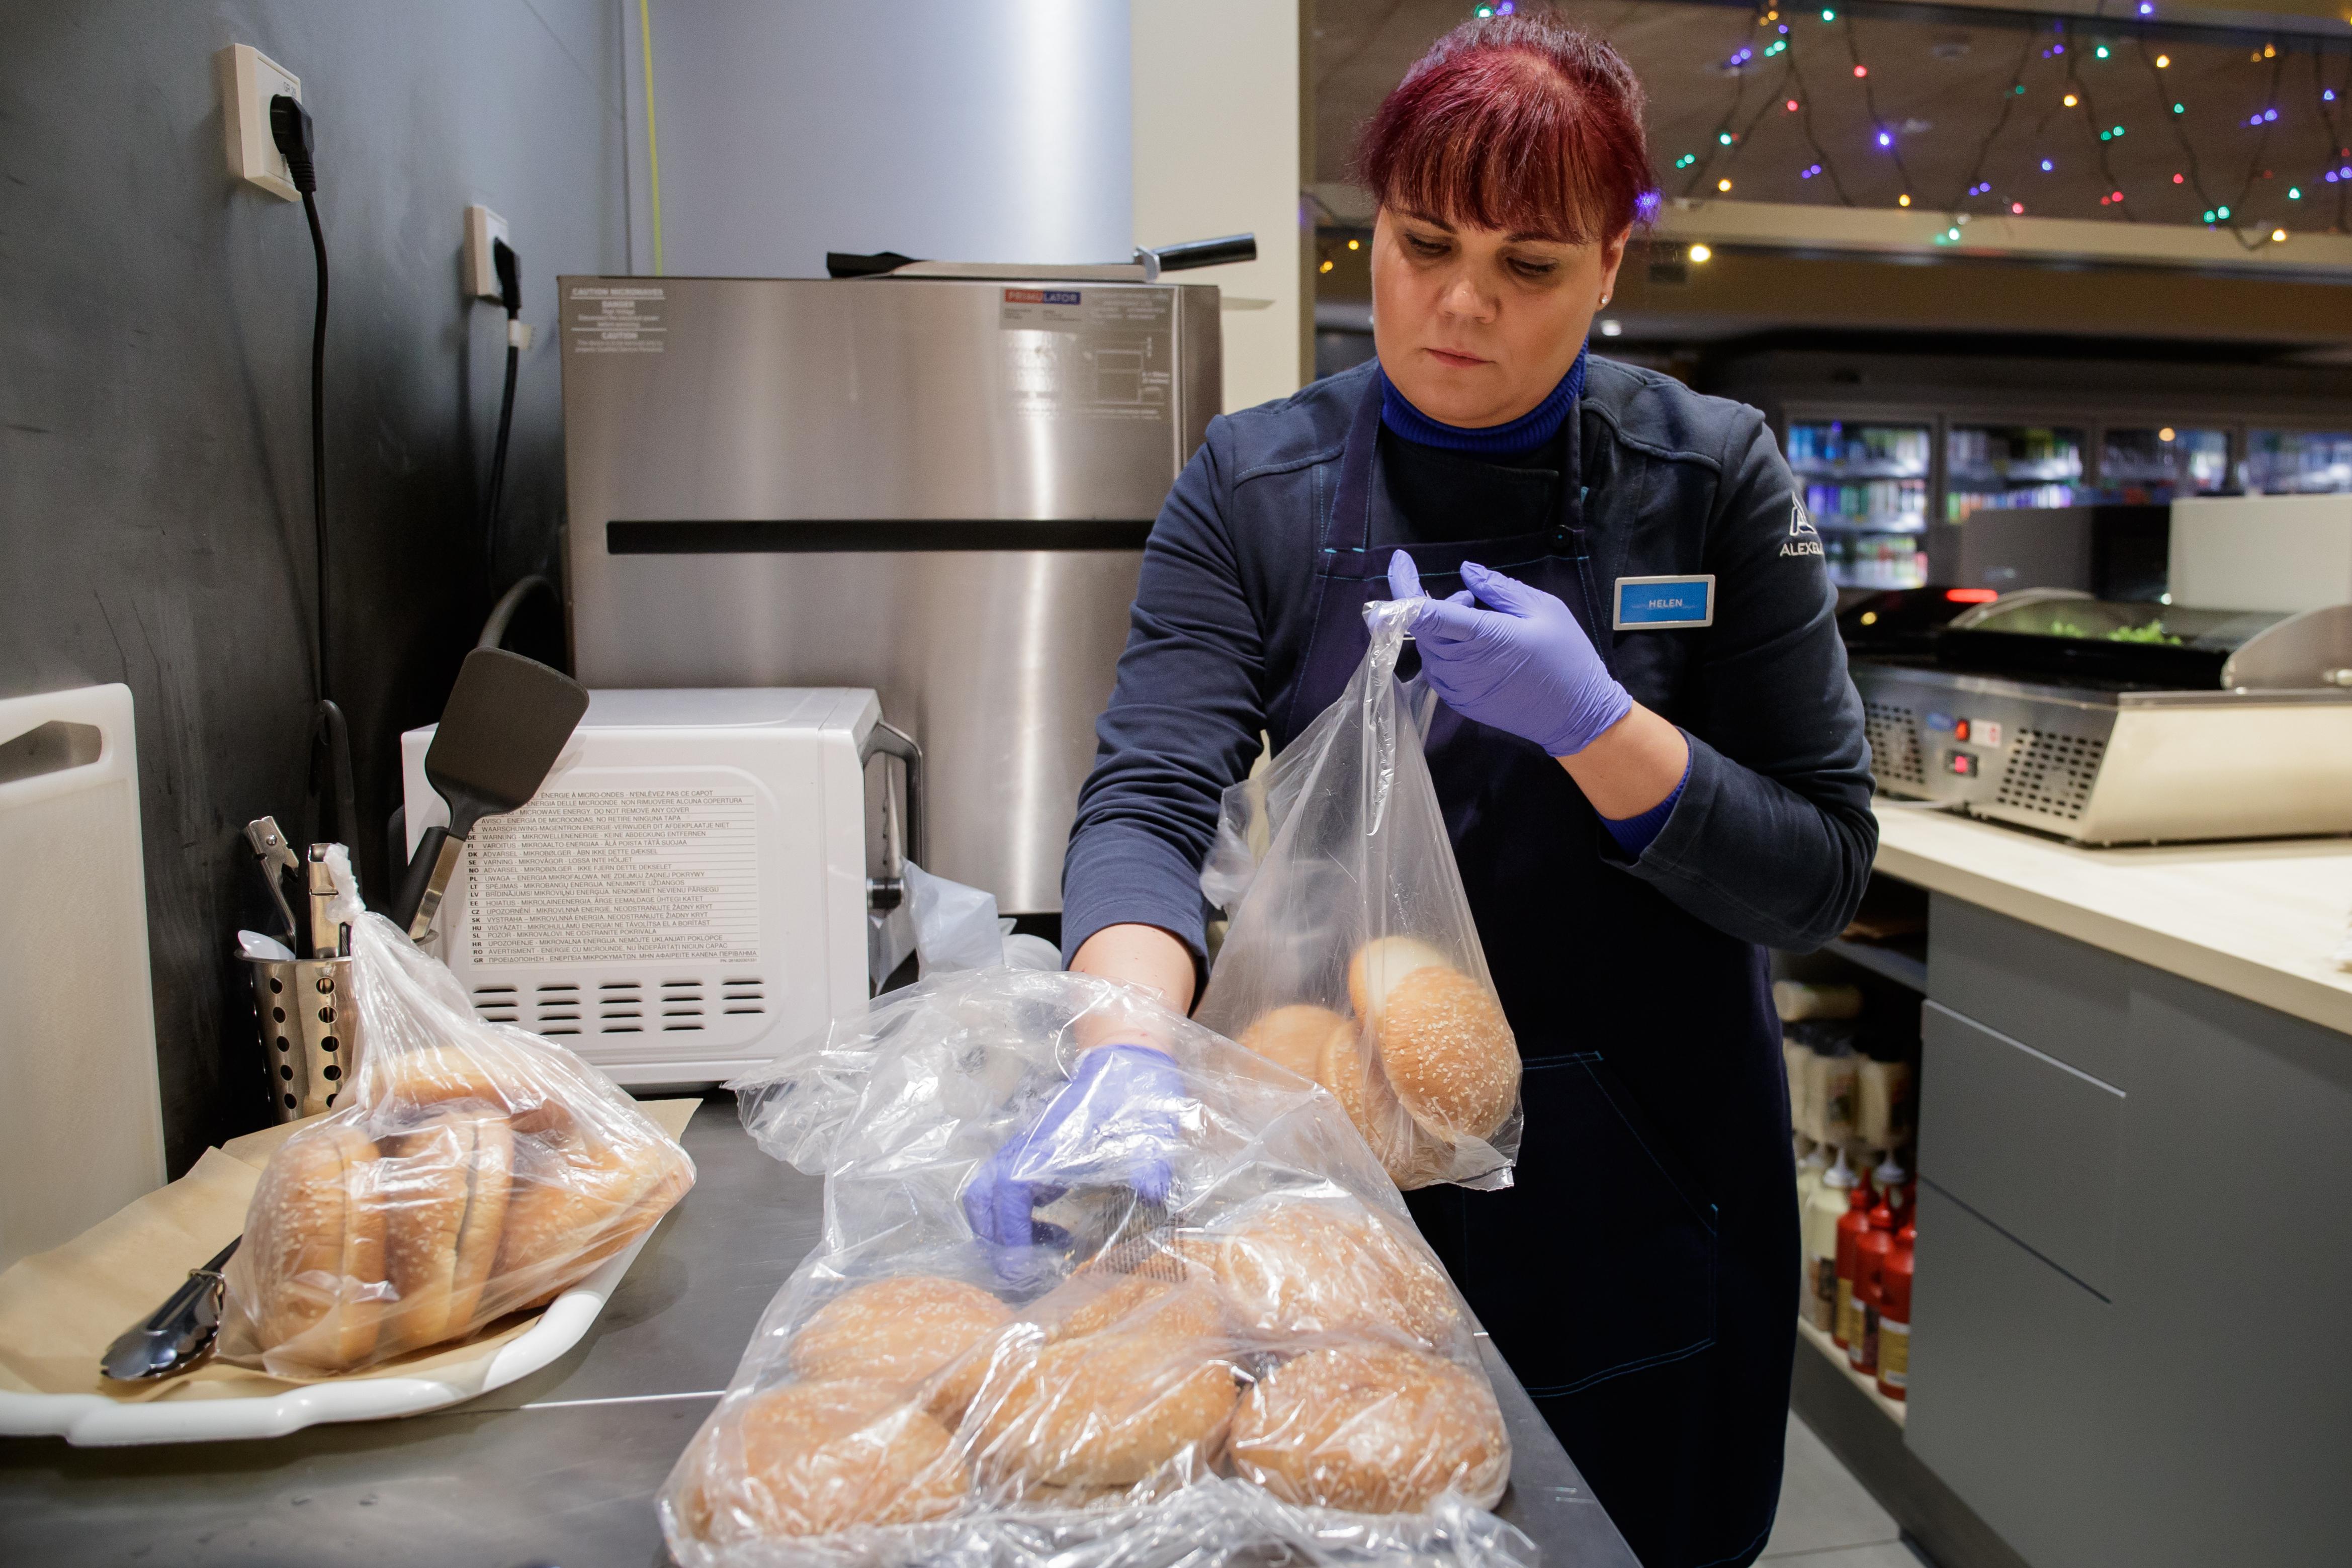 Helen täidab sahtleid burgerisaiadega. Taustal on näha jõulutuled, mis tanklasse pühademeeleolu loomiseks on pandud.